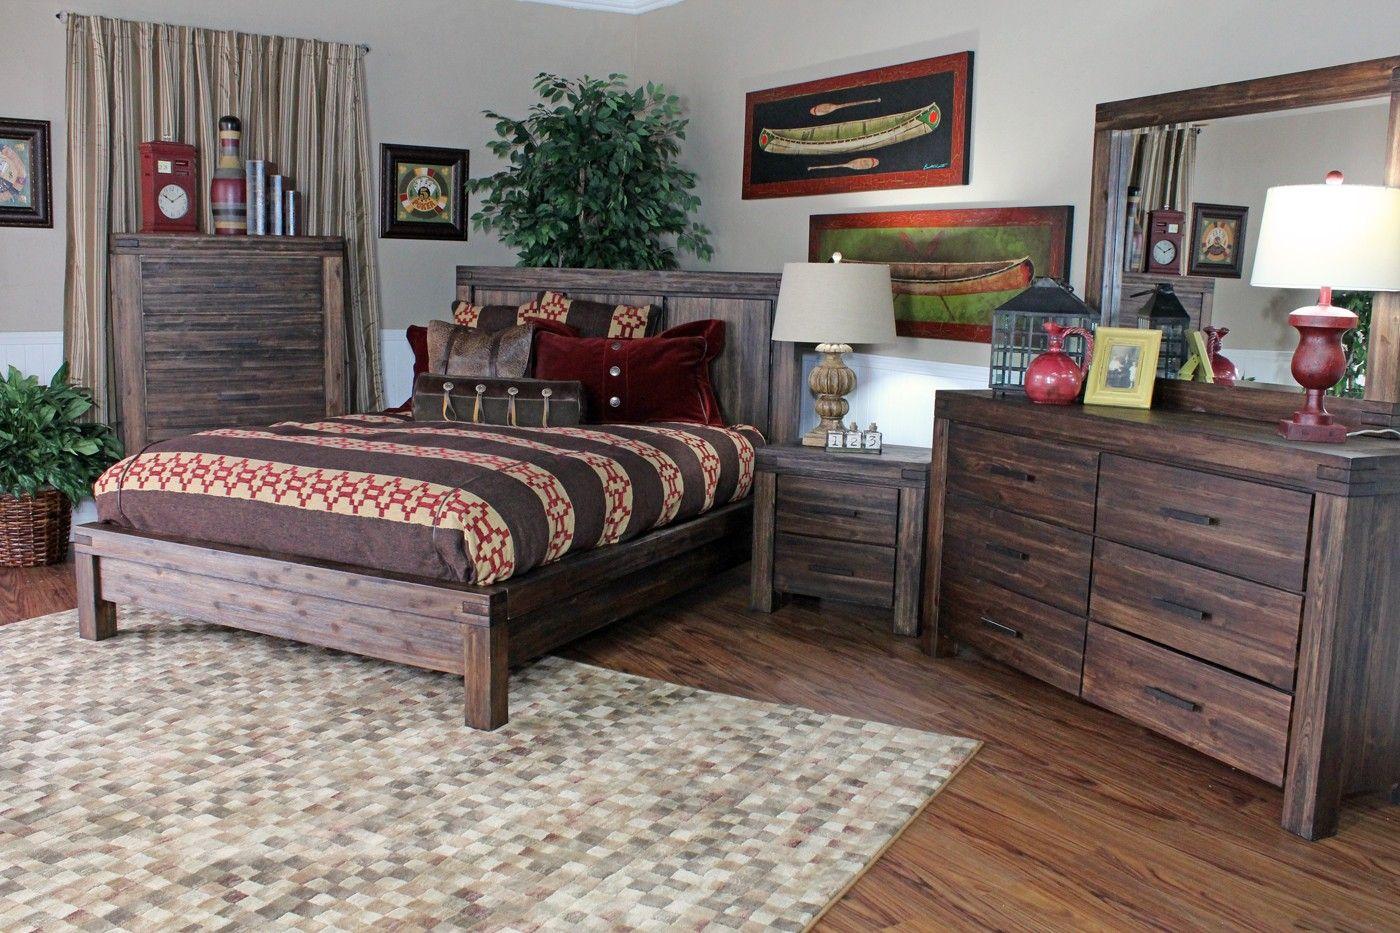 Meadow Bedroom Bedroom Sets Shop Rooms Mor Furniture